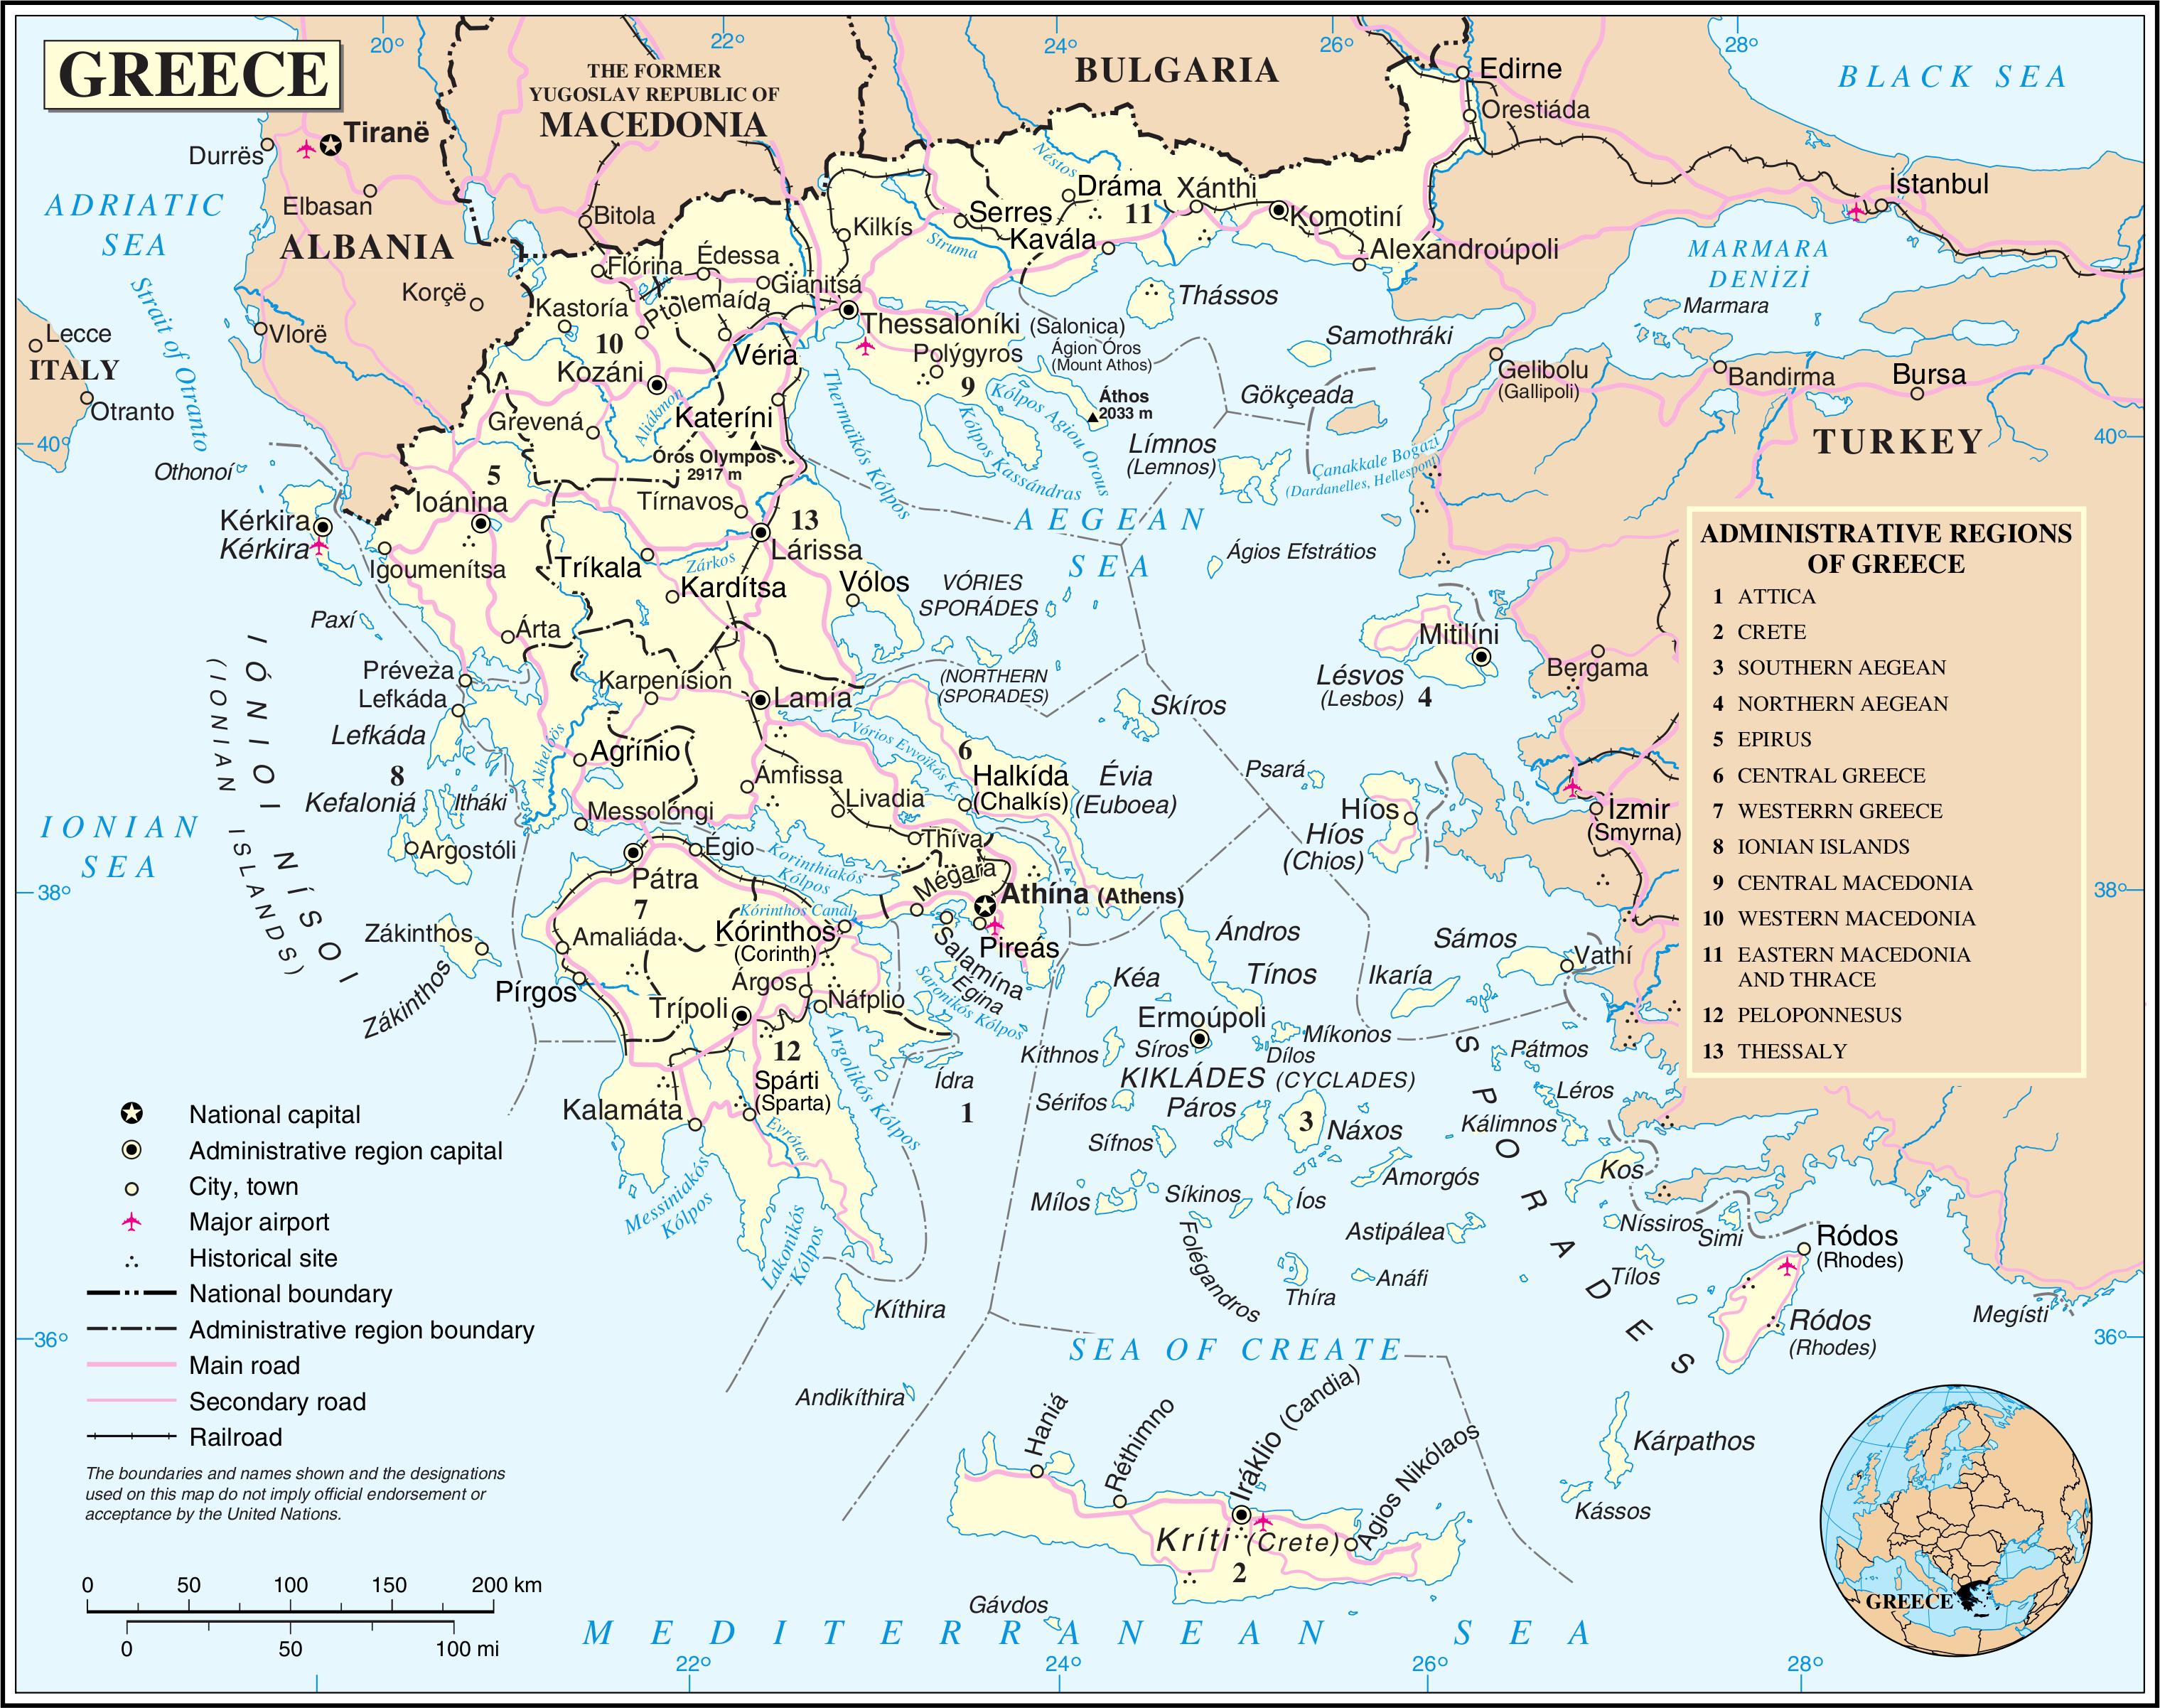 Grüne Karte Mazedonien.Grenze Zwischen Griechenland Und Nordmazedonien Wikipedia